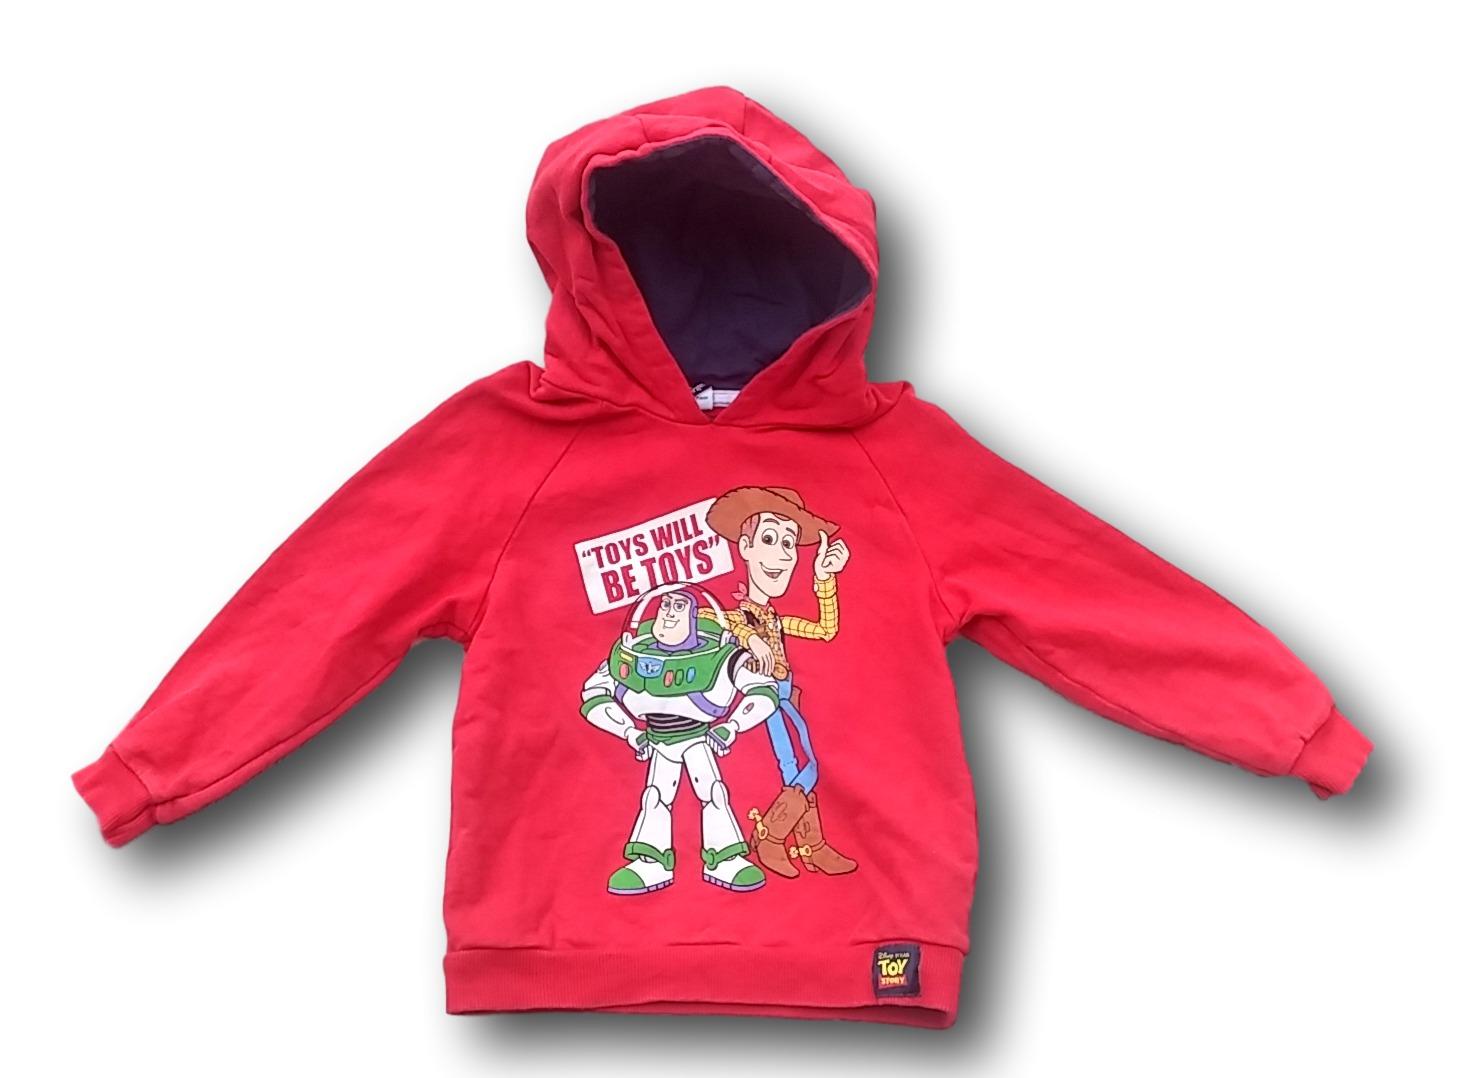 Mikina s kapucí červená - Toy Story, Disney Pixar at george, vel. 104